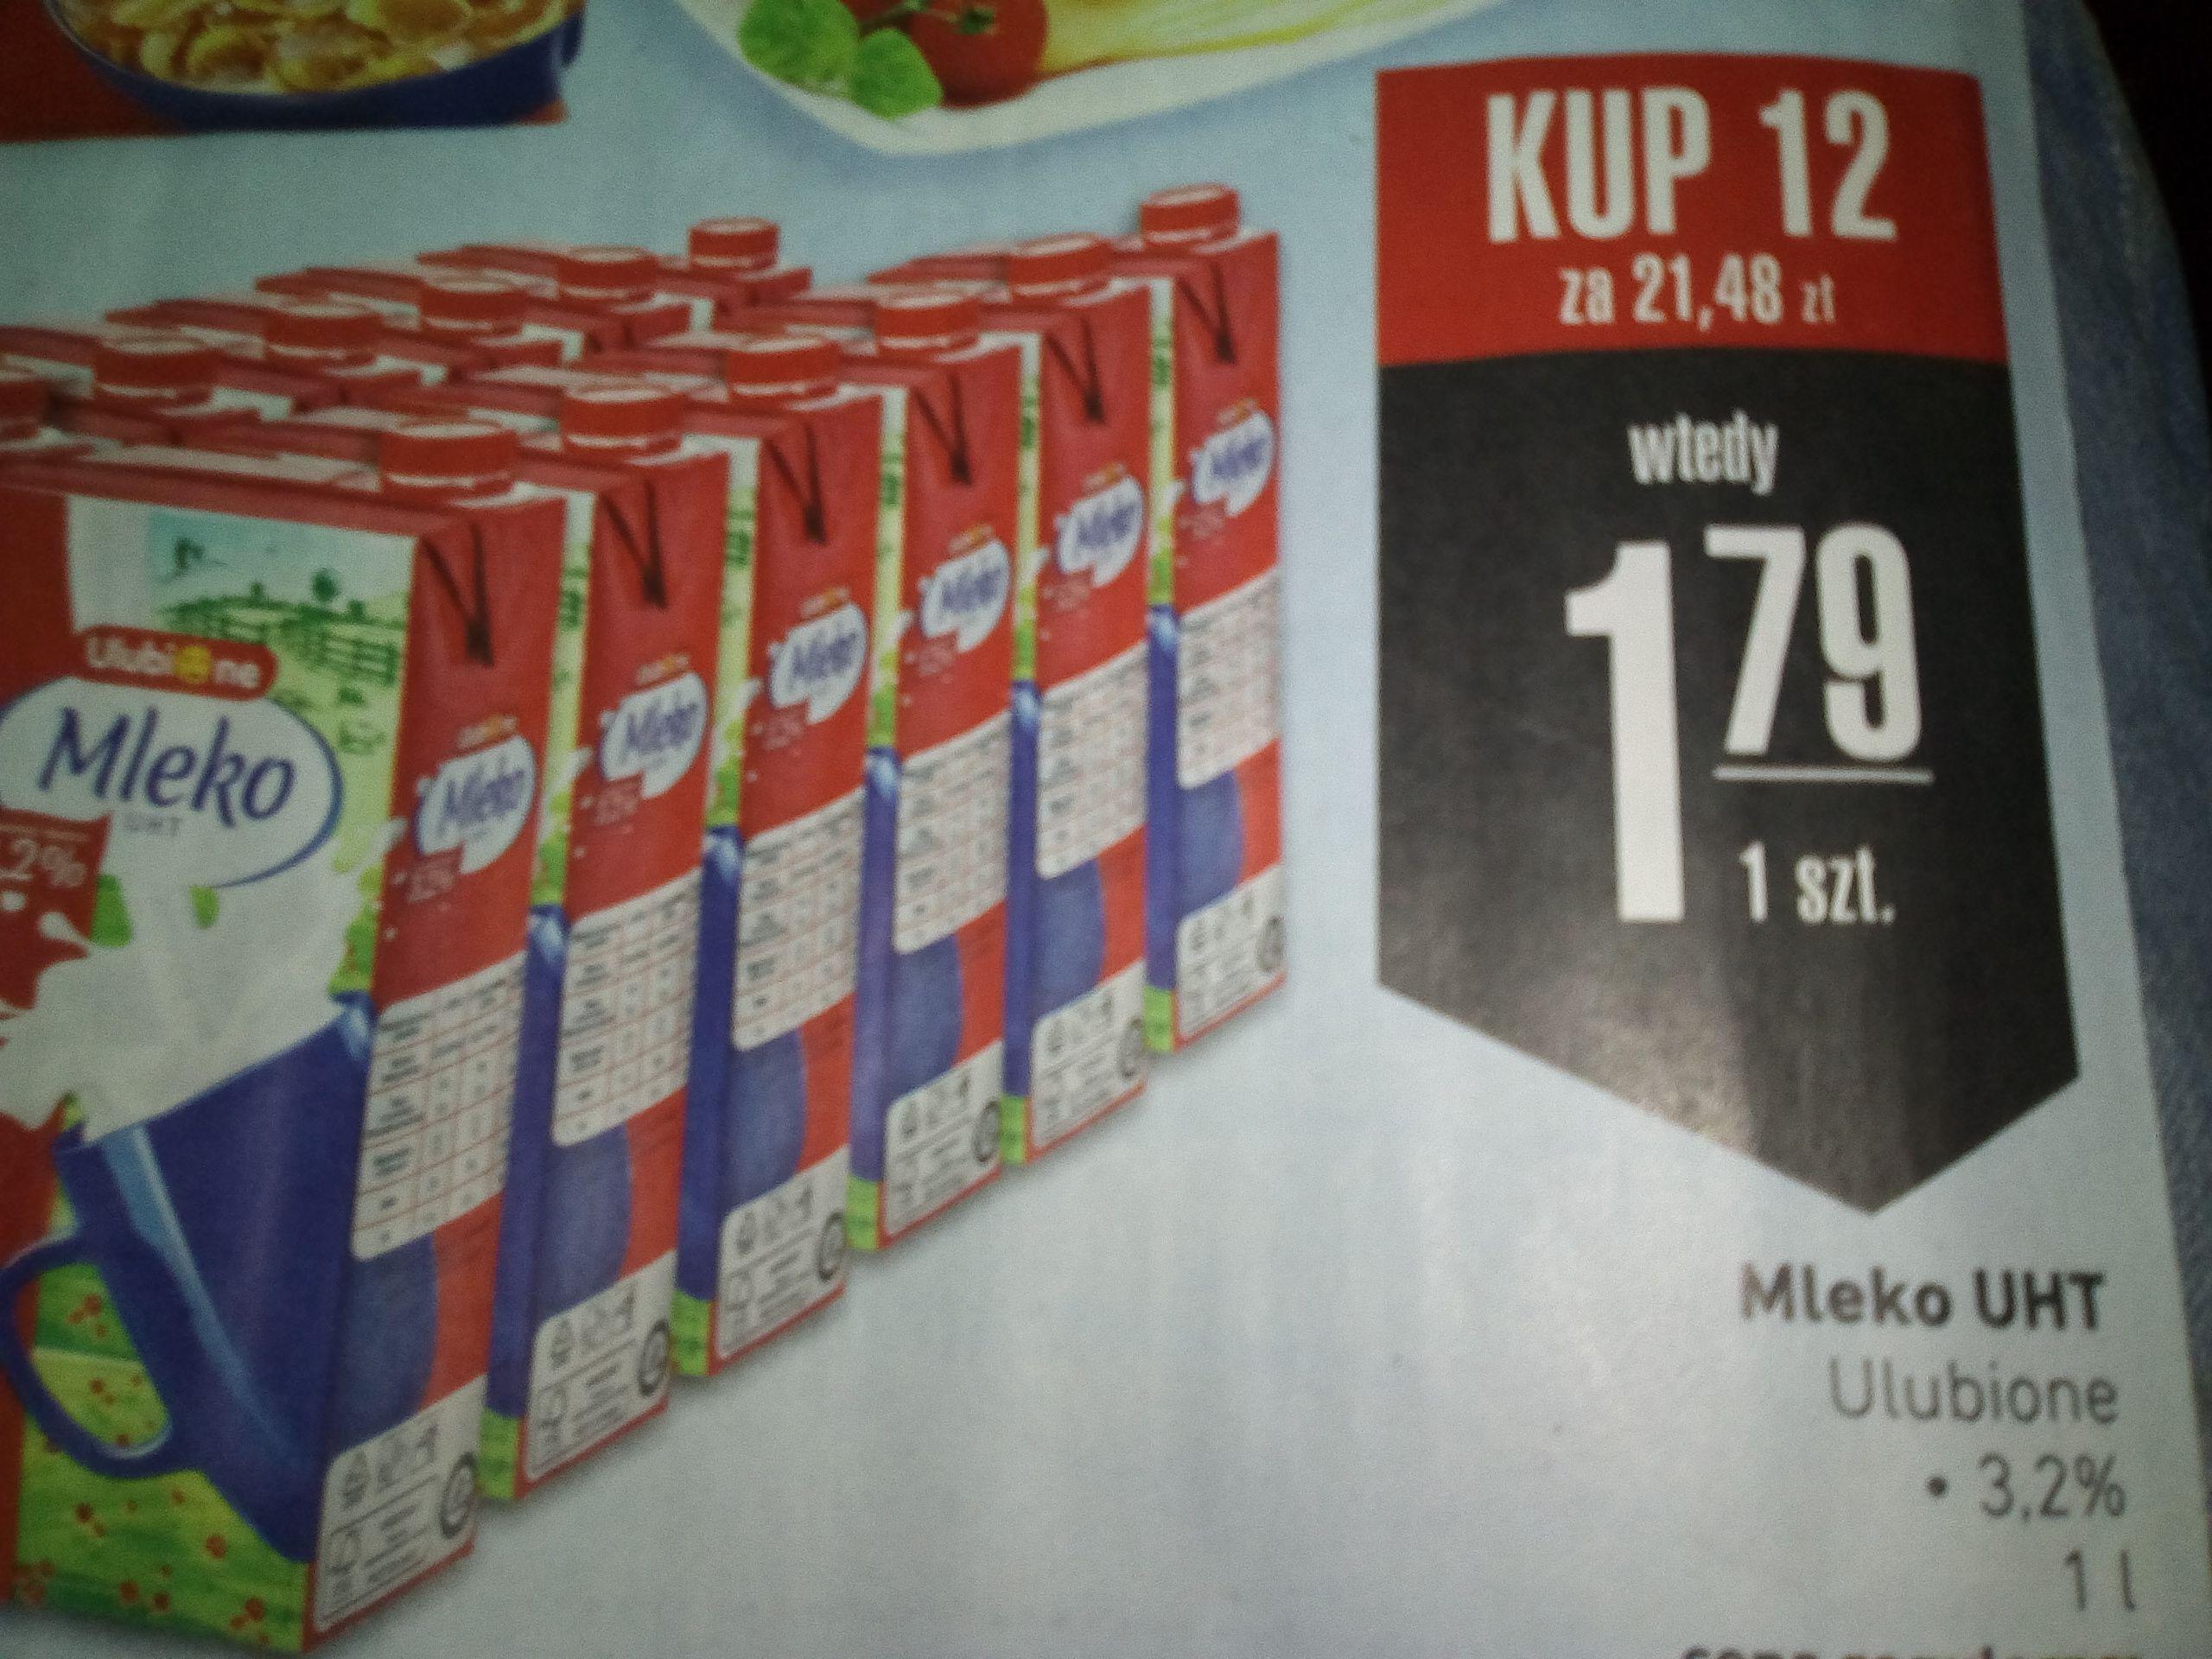 Mleko 3,2% przy zakupie 12sztuk Intermarche